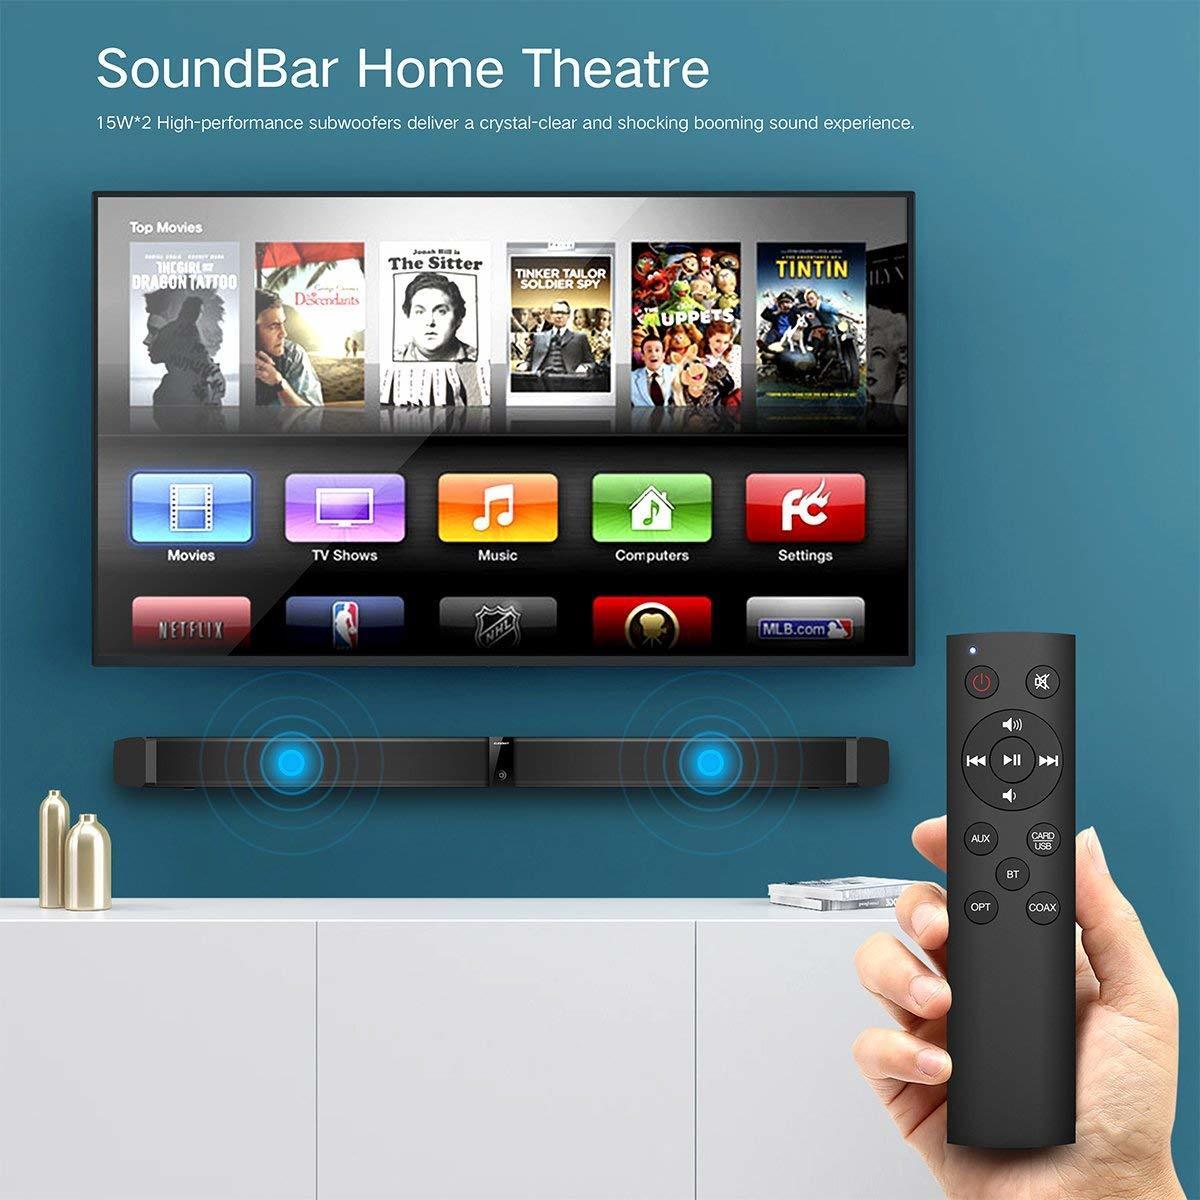 サウンドバー スピーカー ホームシアターシステム ワイヤレス フロントサラウンドシステム Bluetooth 高音質 重低音30W テレビ PC USB _画像3